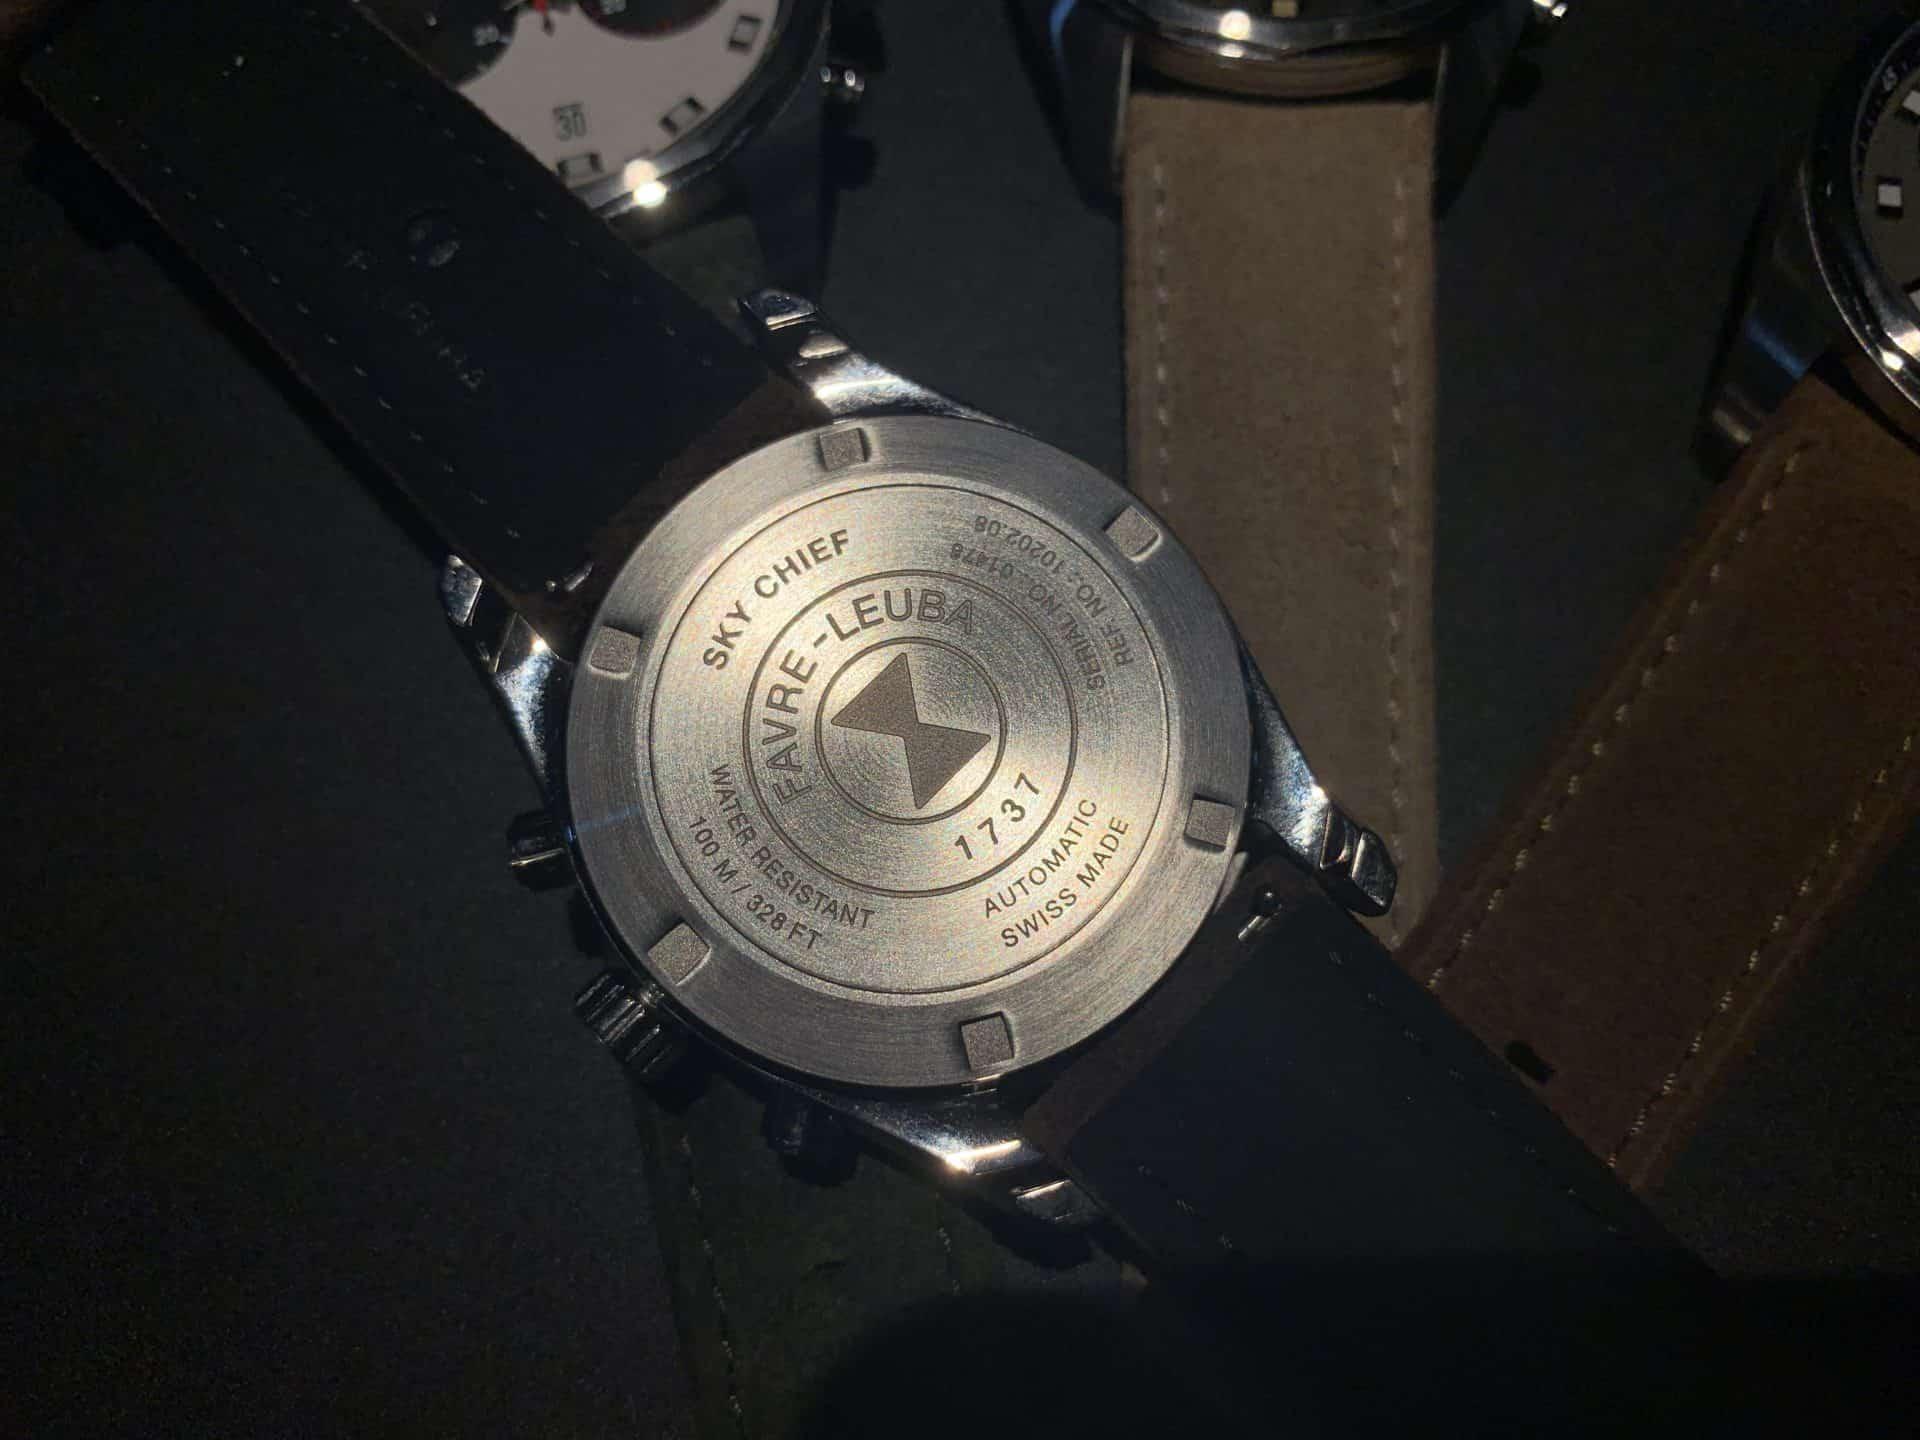 Rückseite der Favre-Leuba Chronograph mit dem erkennbaren Dorn zum schnellen Bandwechsel